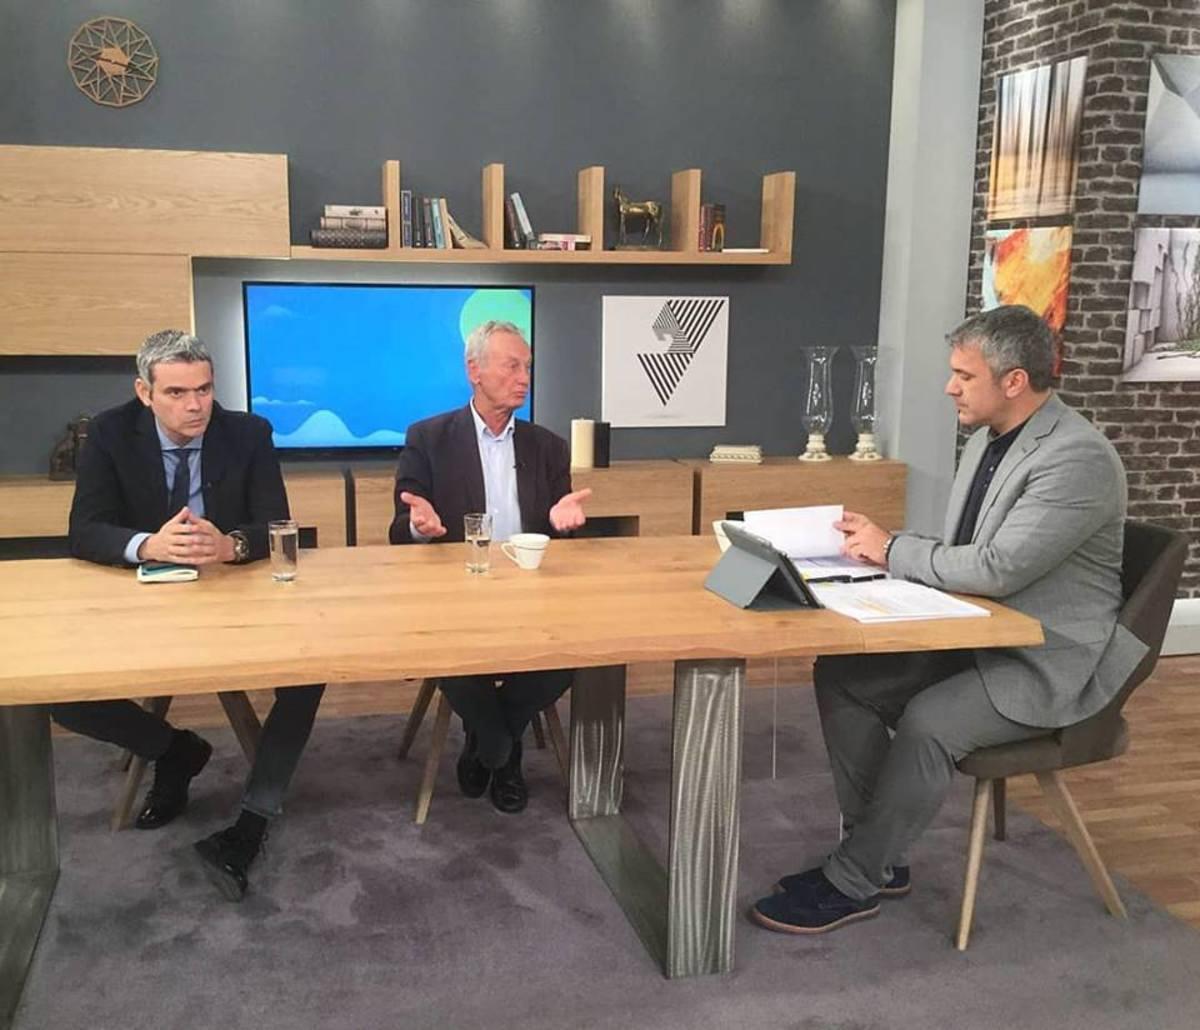 Σγουρίδης: Απειλούν τις ζωές Κατσίκη και Λαζαρίδη – Δεν θα ψηφίσουμε τη συμφωνία με τα Σκόπια